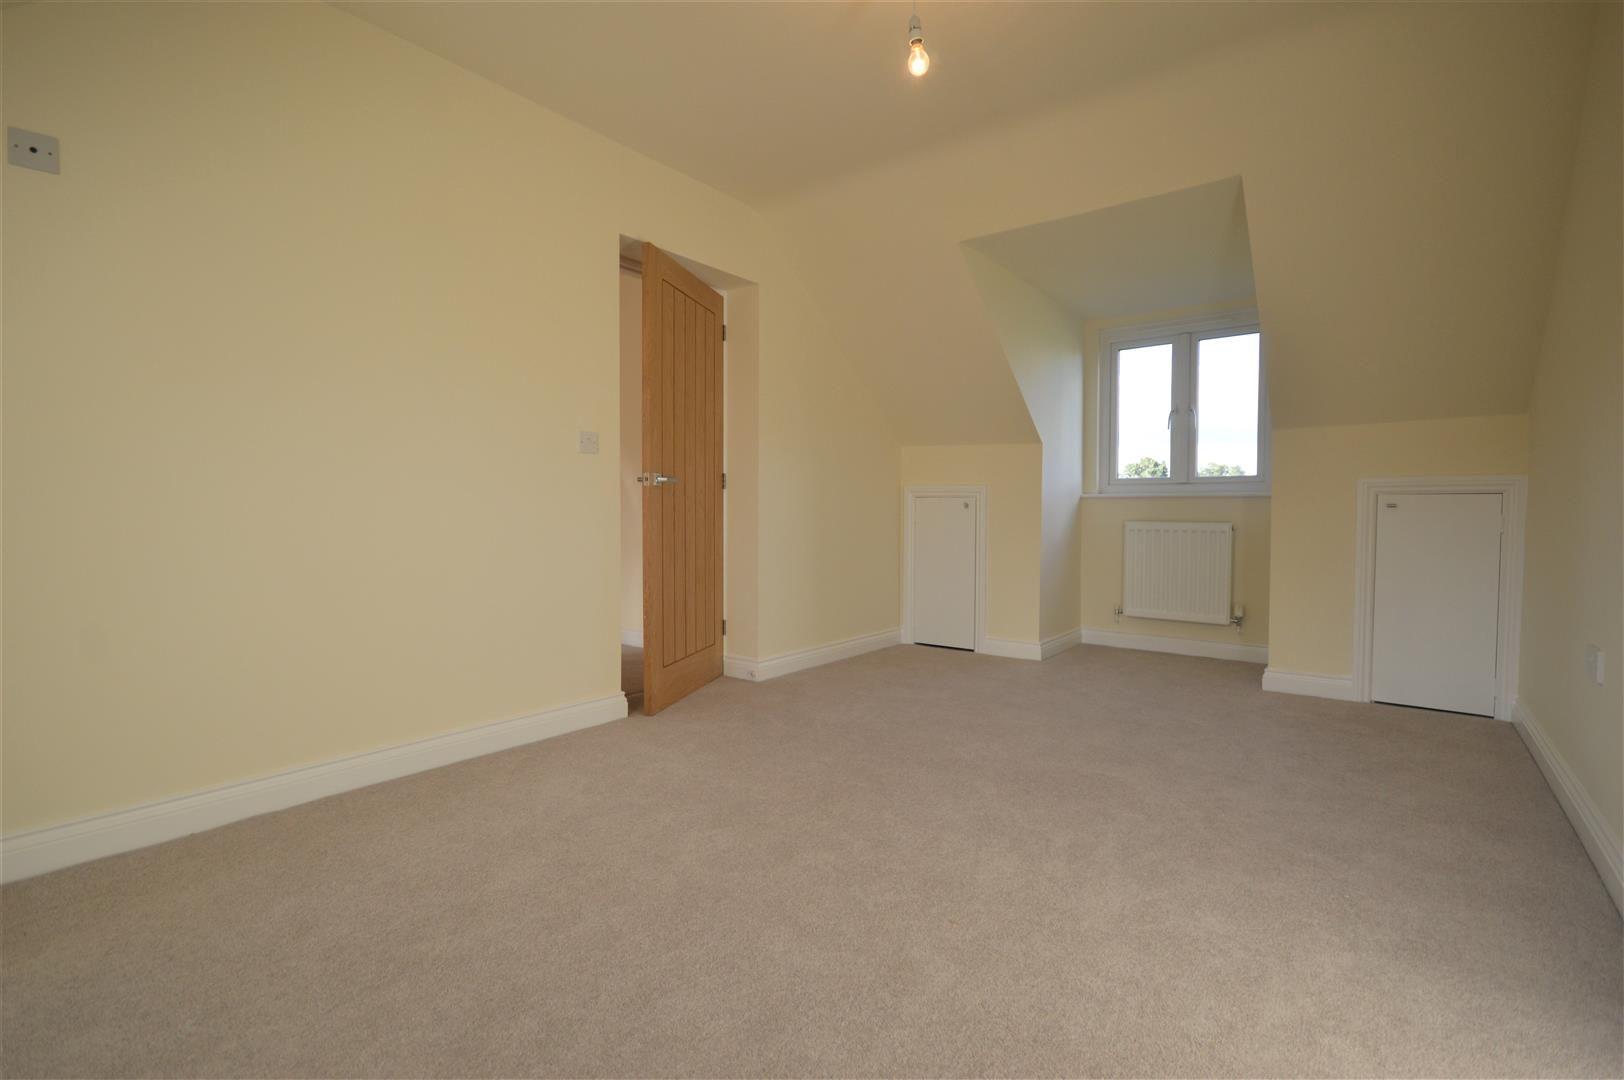 4 bed detached for sale in Kingsland  - Property Image 11